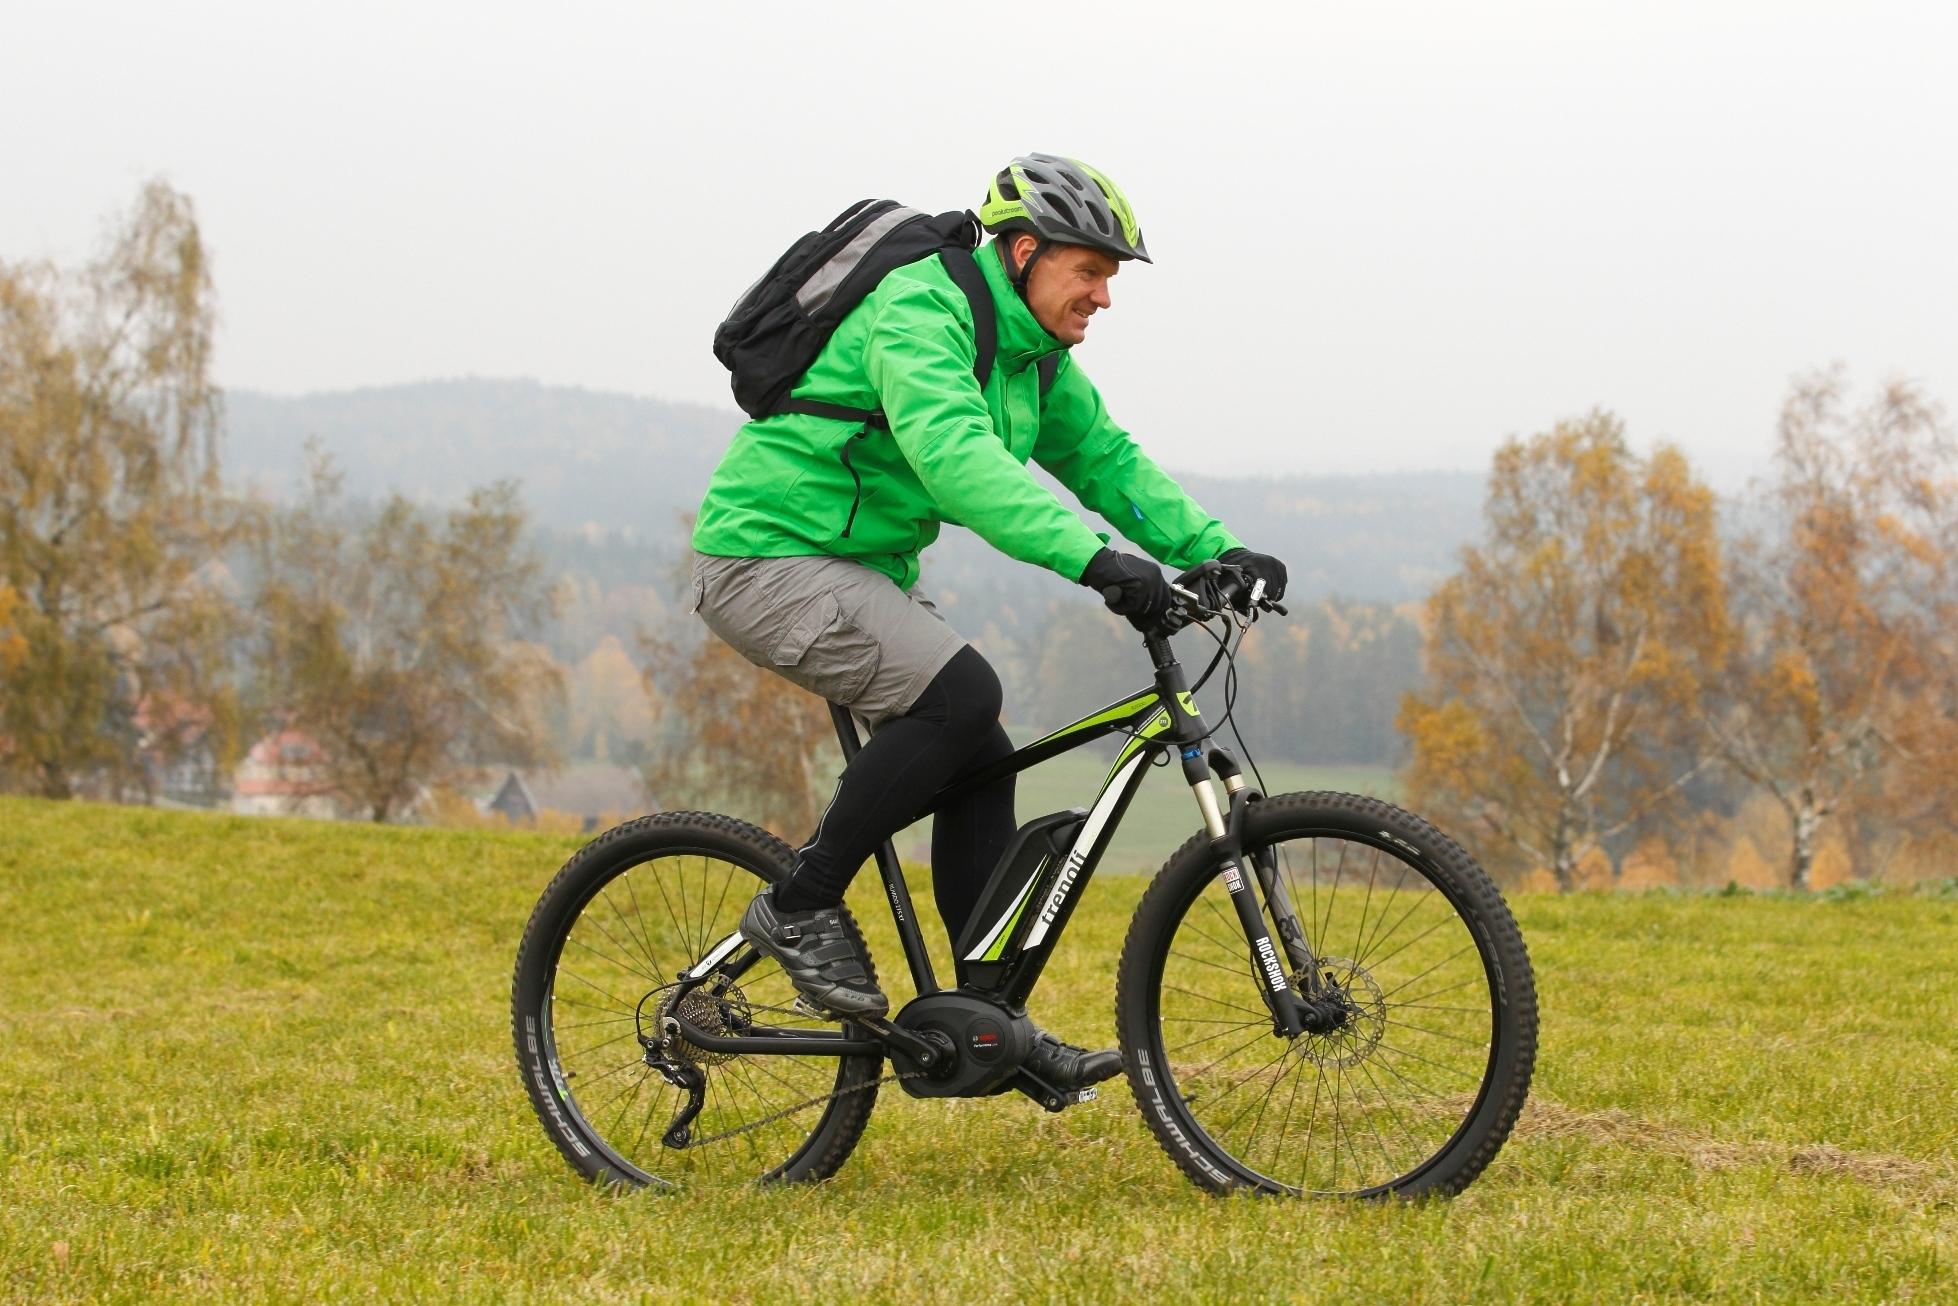 mid Groß-Gerau - Mit dem elektrischen Mountainbike Ruvido XT von Trenoli macht jeder Ausflug ins Freie viel Spaß.